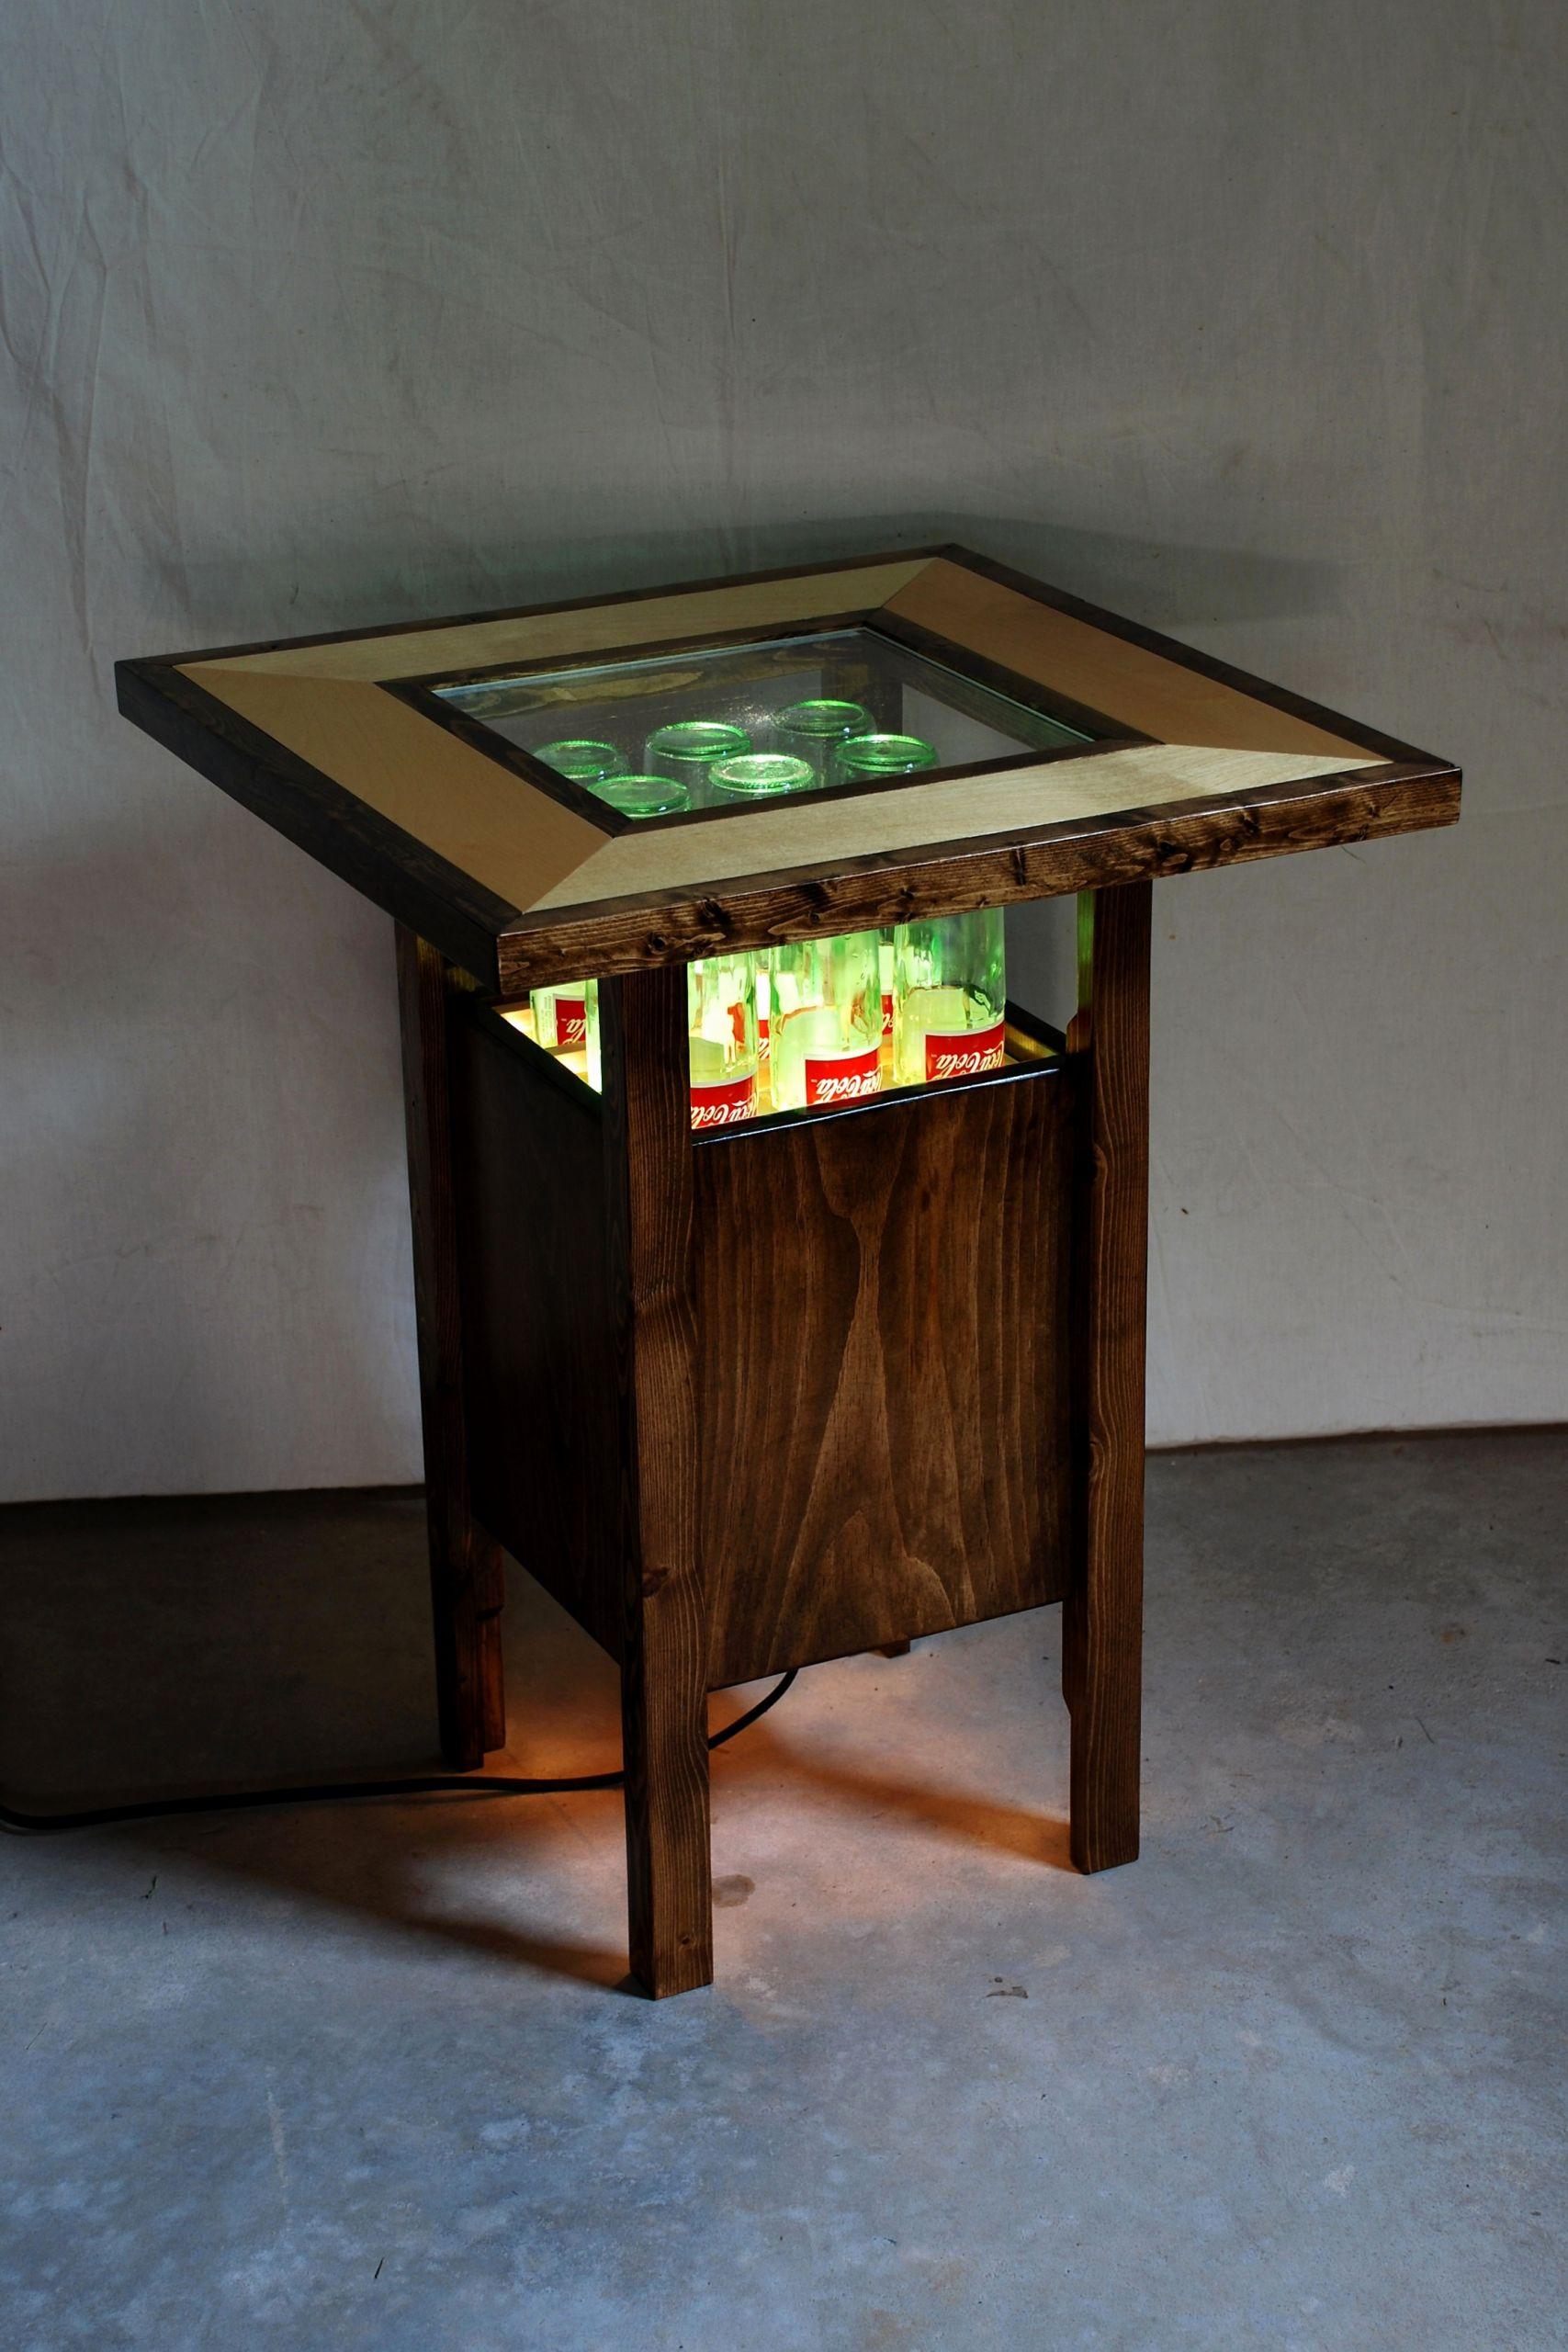 Fauteuil De Table Inspirant Table Rallonge Papillon Nouveau Résultat Supérieur 96 Beau